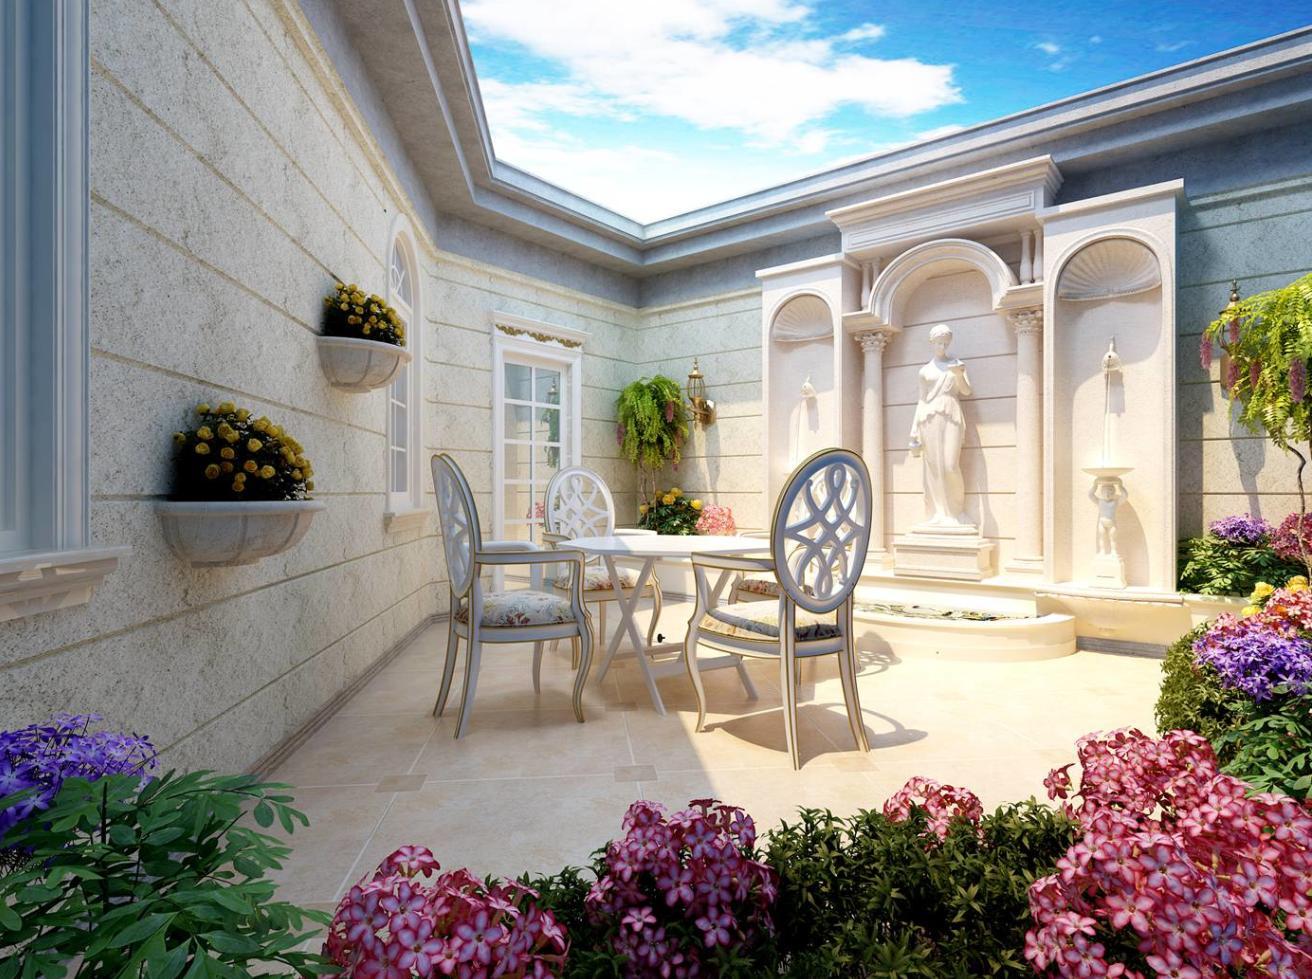 东郊罗兰 别墅装修 欧式风格 腾龙设计 刁振英作品 阳台图片来自孔继民在东郊罗兰别墅装修法式风格设计的分享